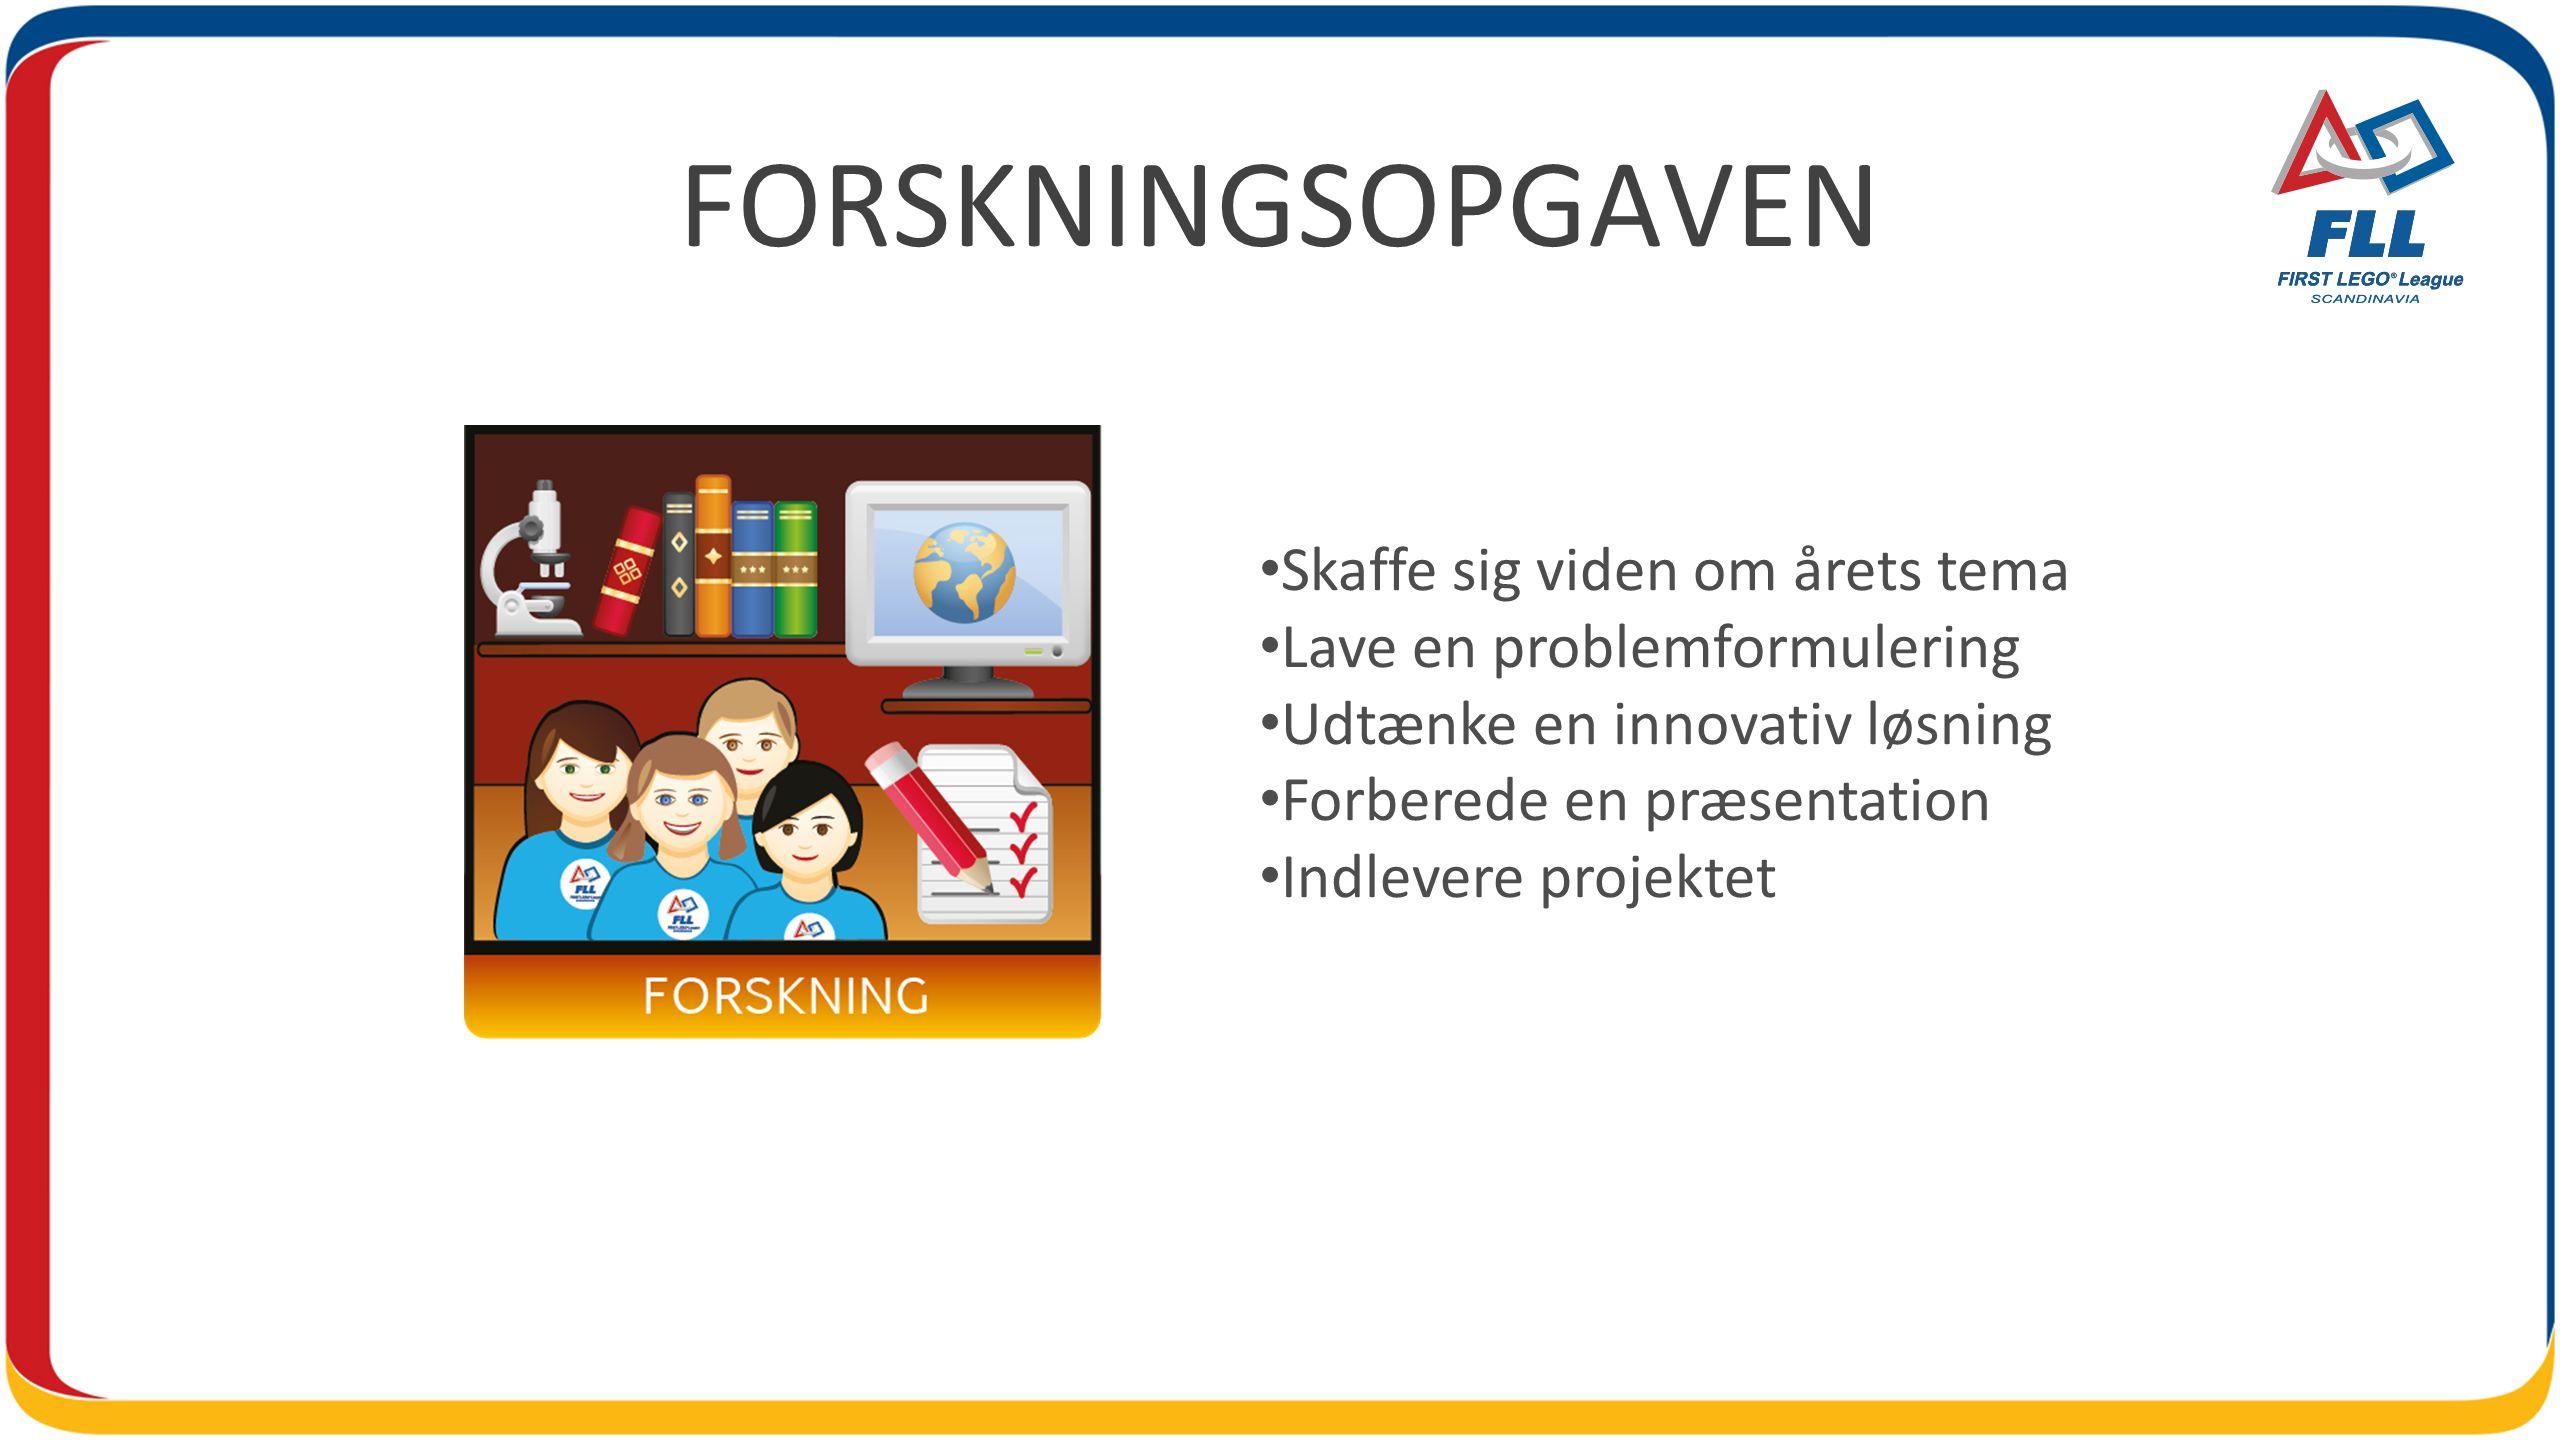 FORSKNINGSOPGAVEN Skaffe sig viden om årets tema Lave en problemformulering Udtænke en innovativ løsning Forberede en præsentation Indlevere projektet